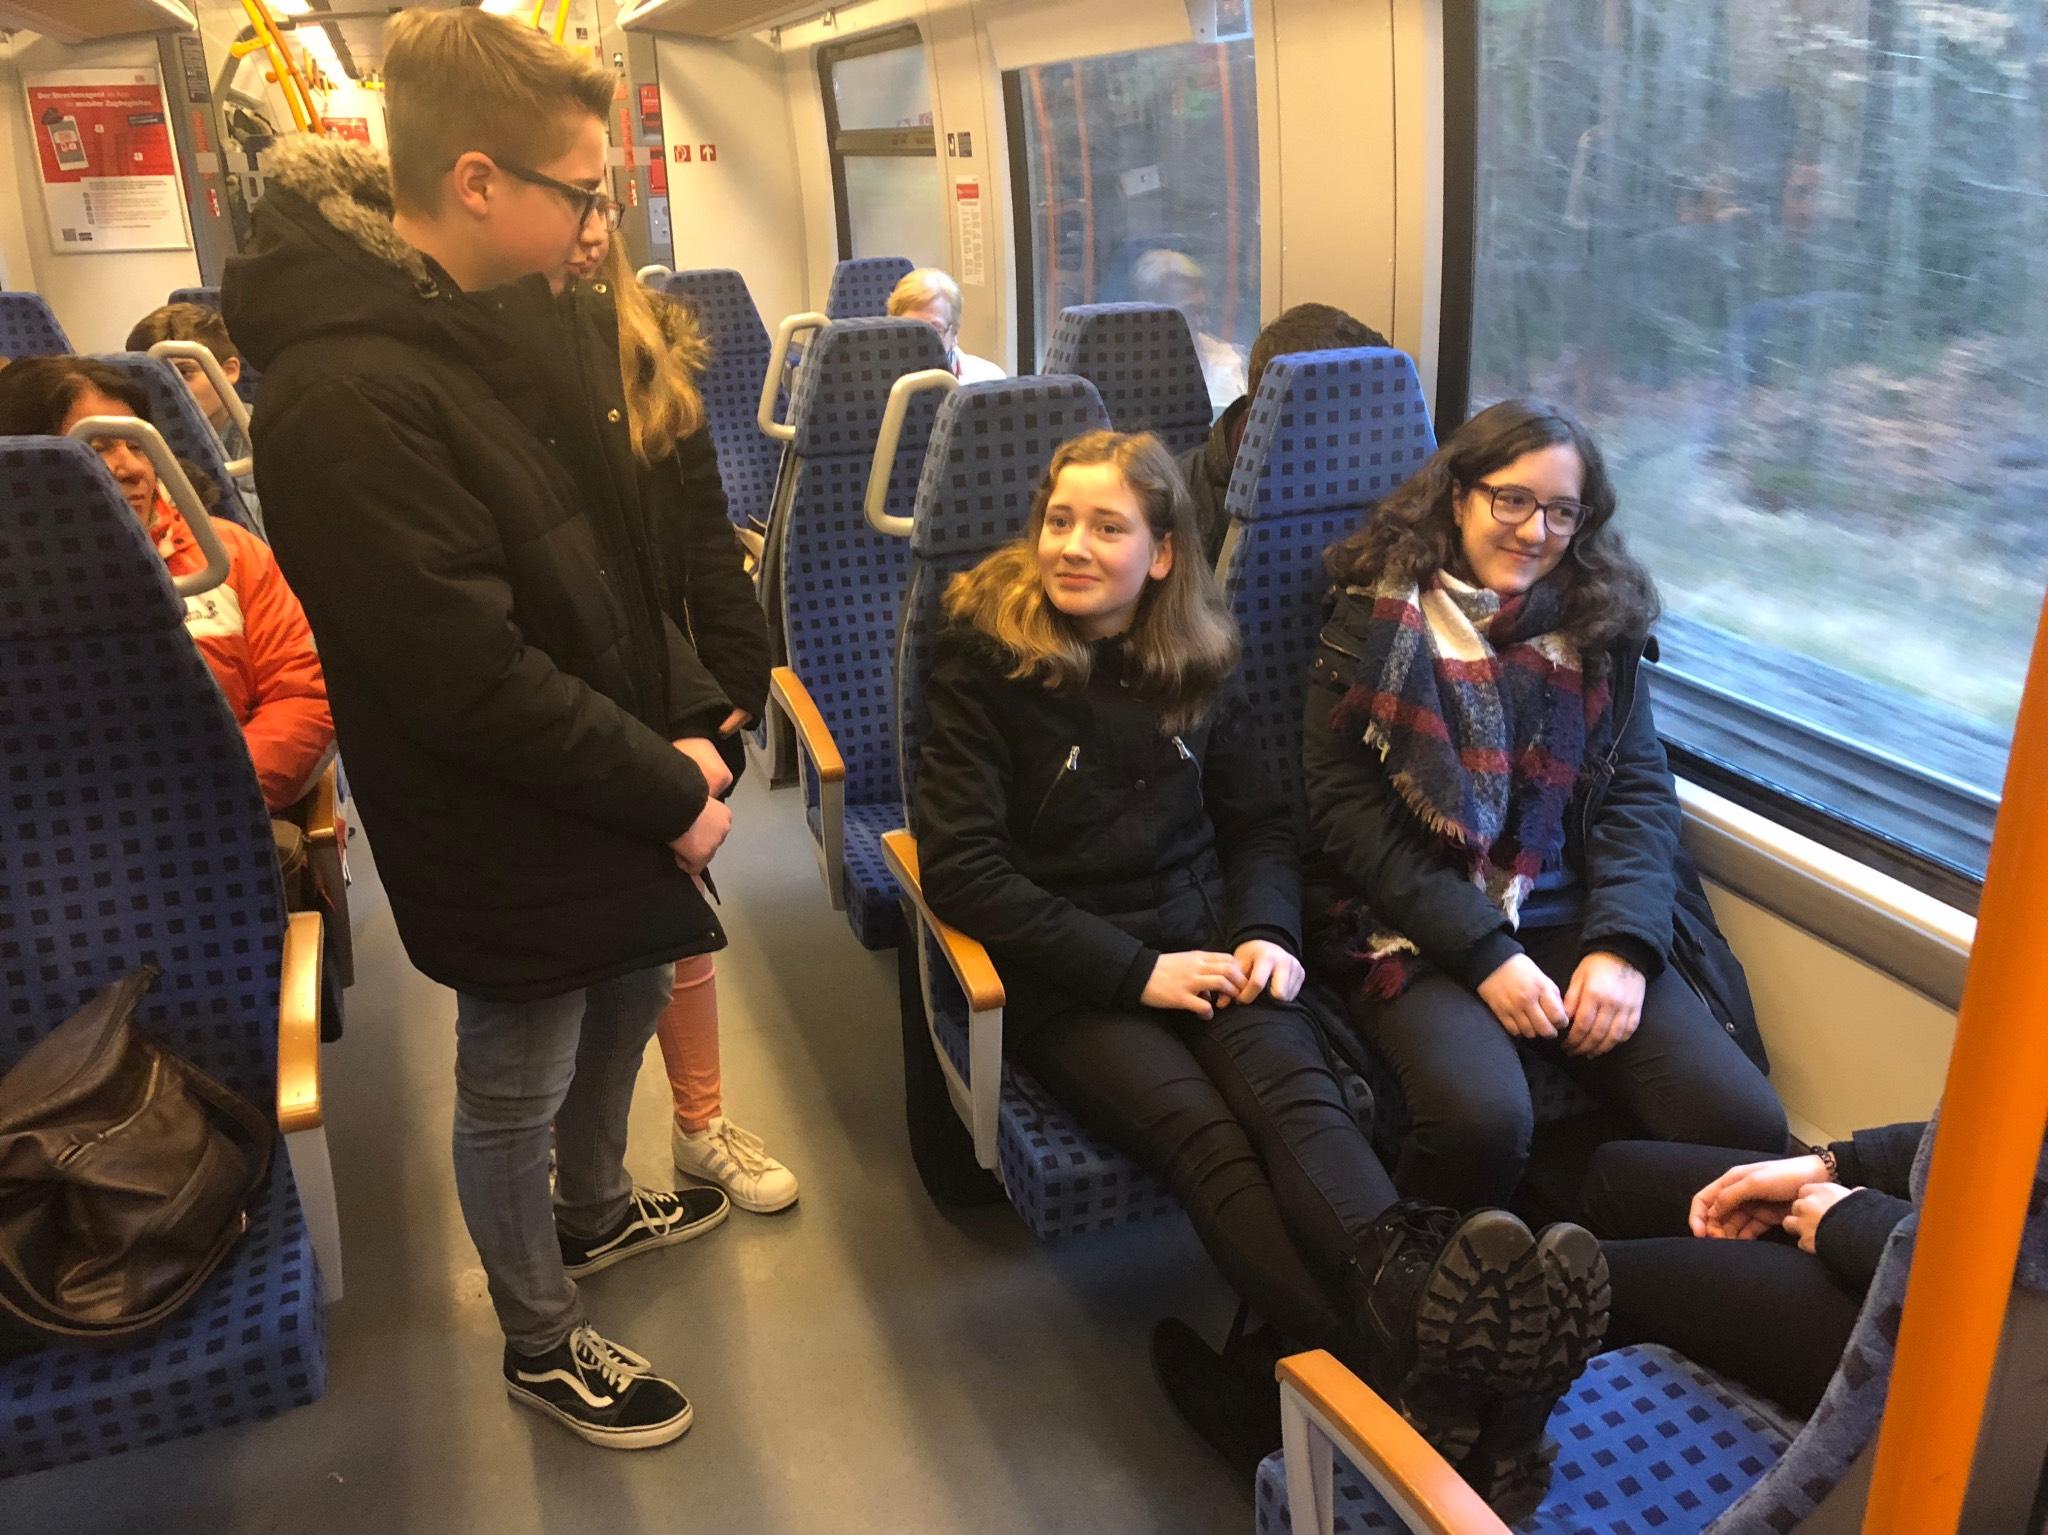 Die Coolrider helfen dabei Konflikte körperlos beizulegen. Foto: VAG-Nürnberg.